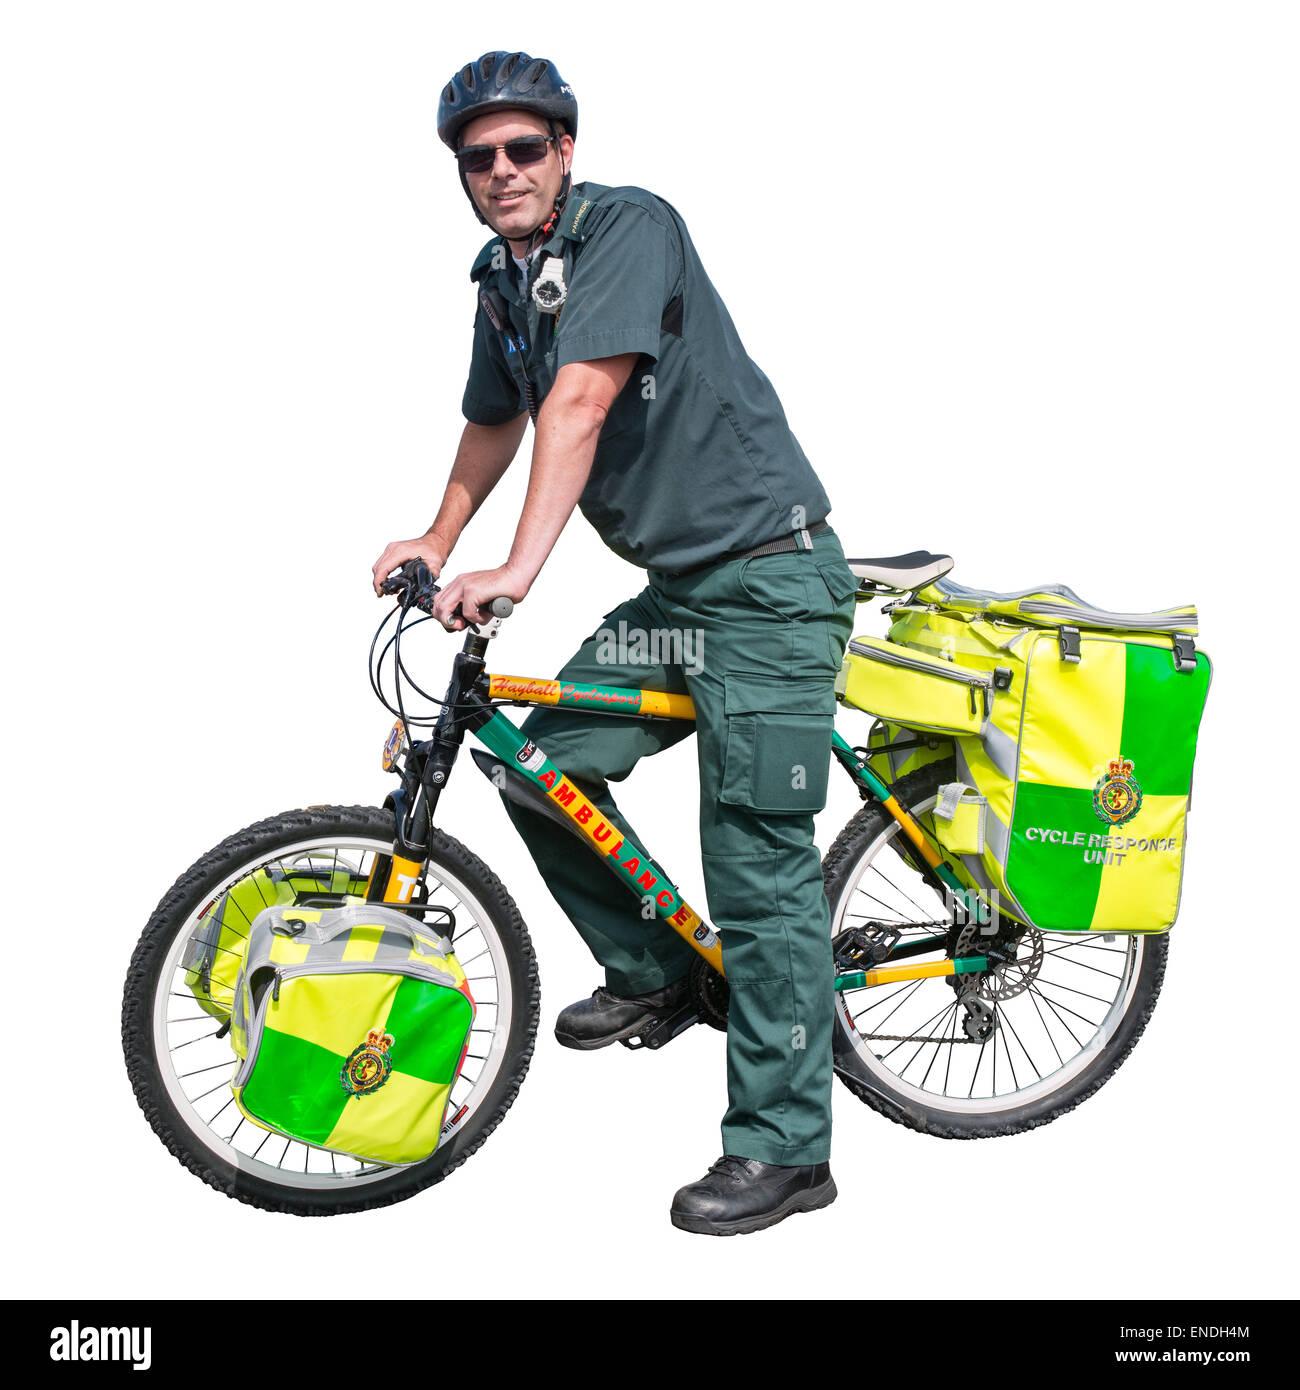 Ein Schnitt aus Wiltshire NHS Vertrauen Sanitäter auf einen Zyklus Response Unit Stockbild